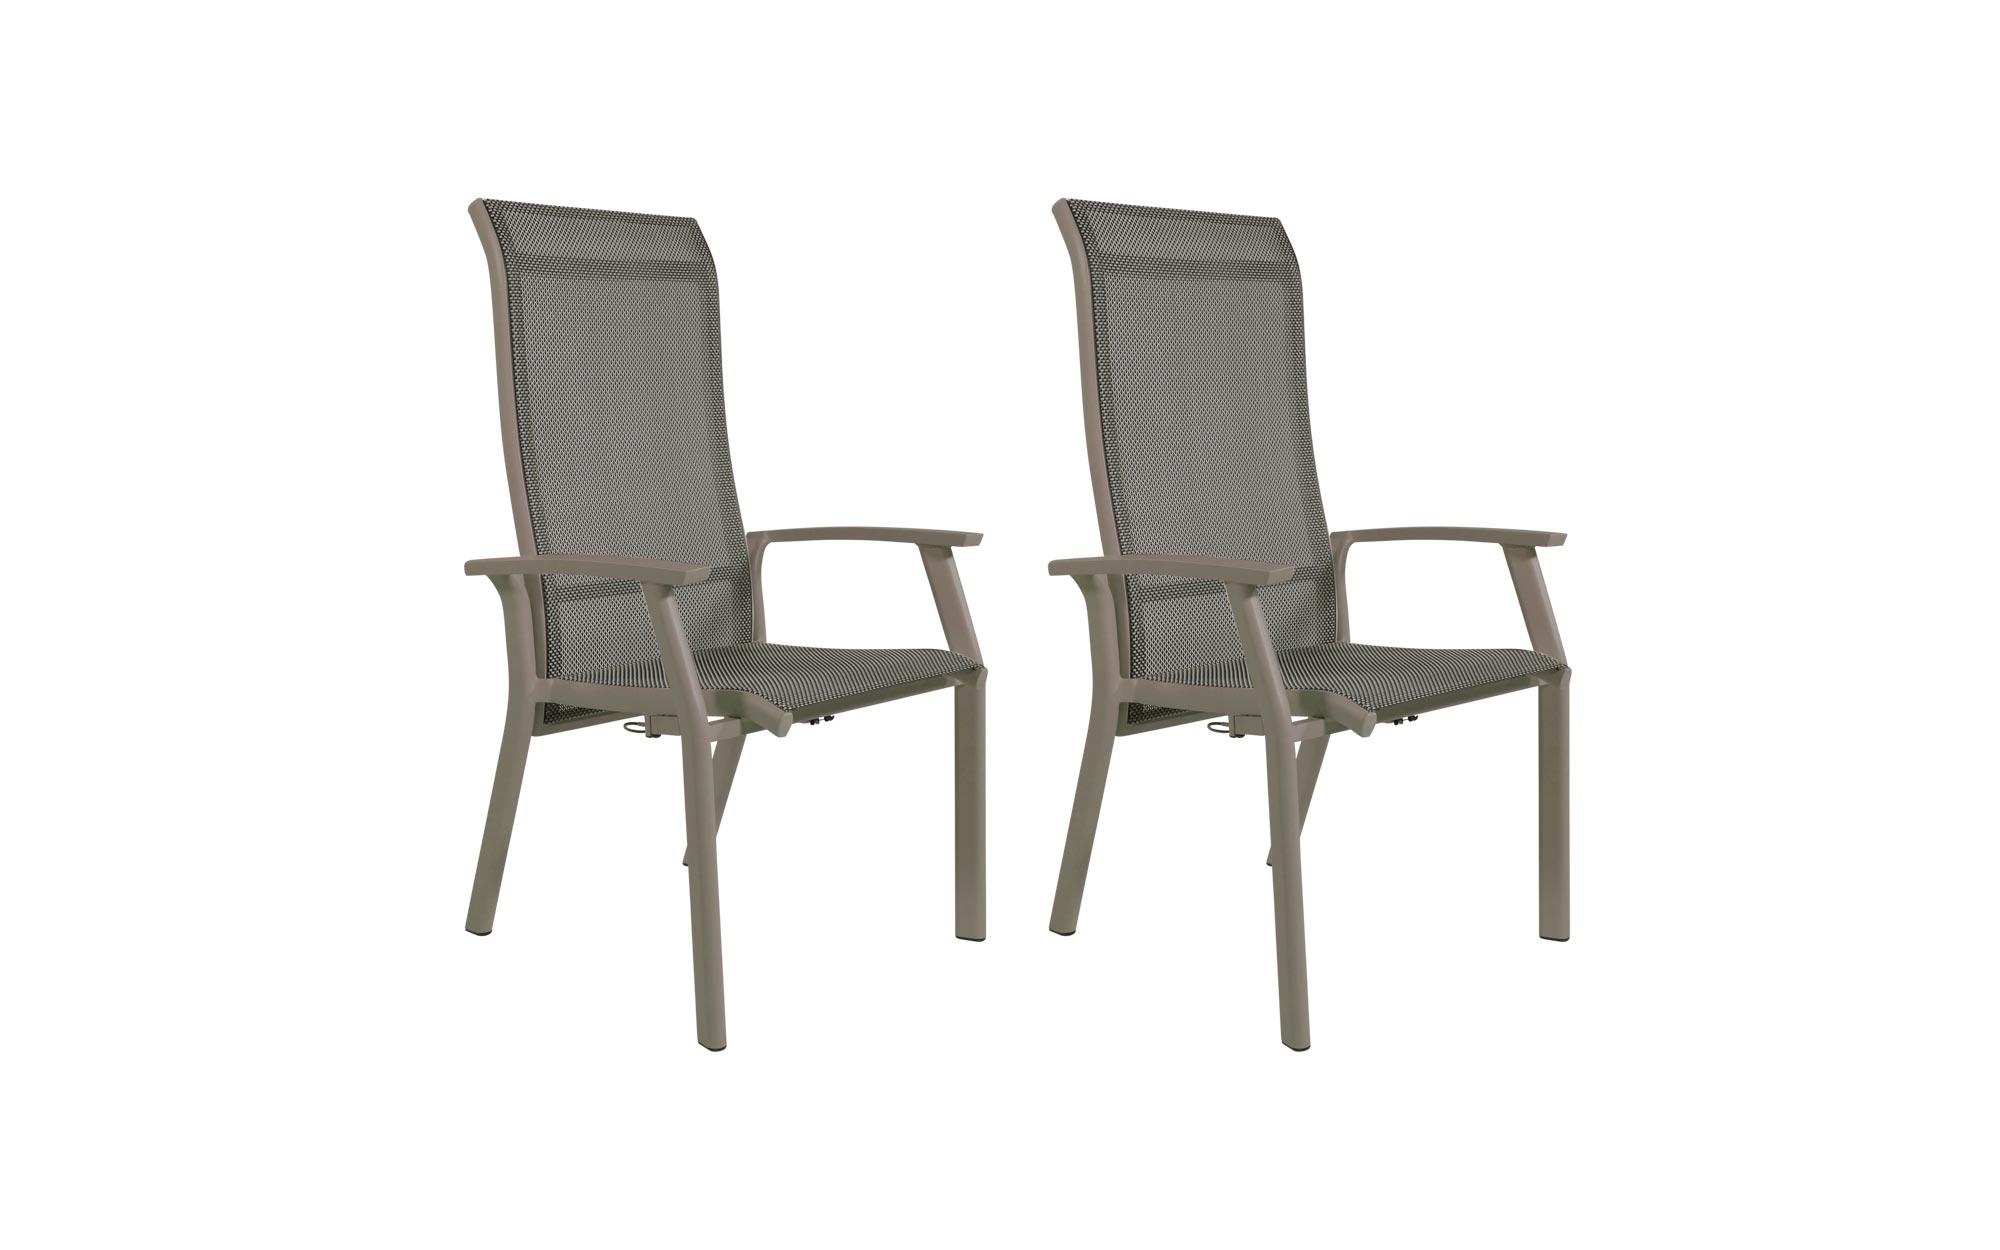 Lifestyle4Living Gartenstühle mit Textylenbezug in beige und einem Gestell aus Aluminium in beige, Rückenlehne verstellbar, 2er-Set, Maße: B/H/T ca. 58,5/112,5/65 cm